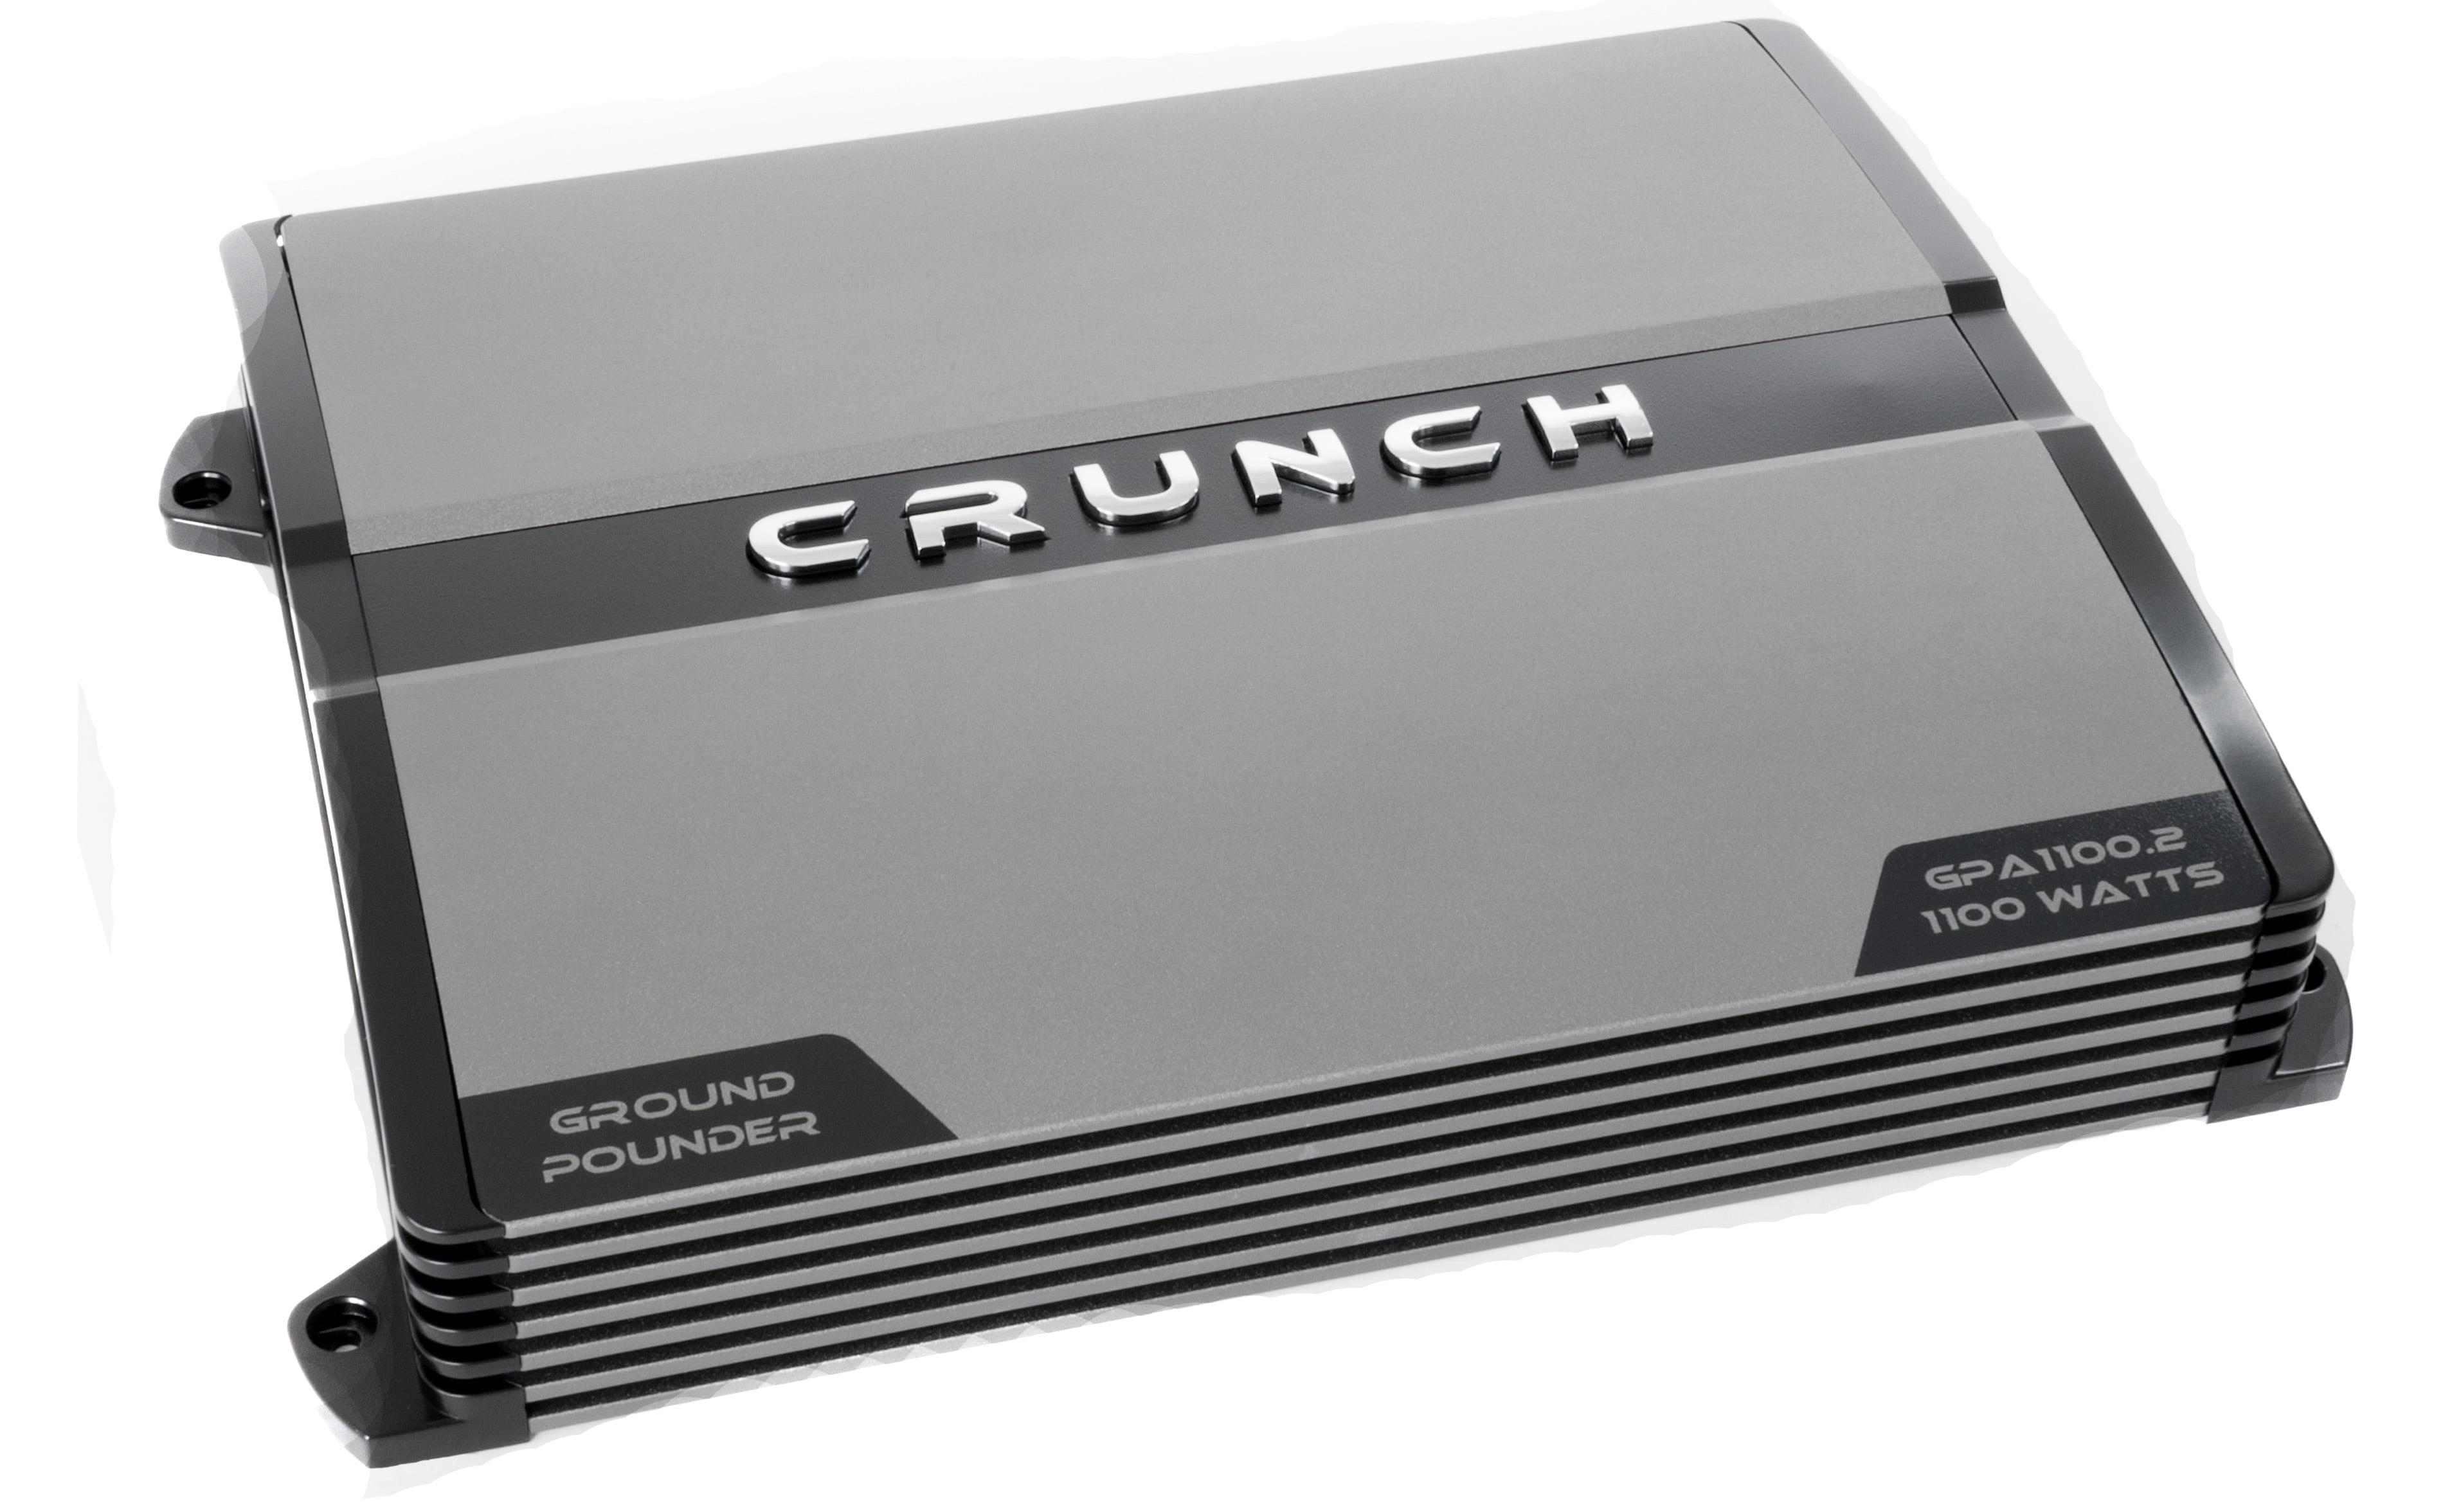 Crunch PX-1000 2 2 Channel 1000 Watt Amp A/B Car Stereo Amplifier + Wiring  Kit